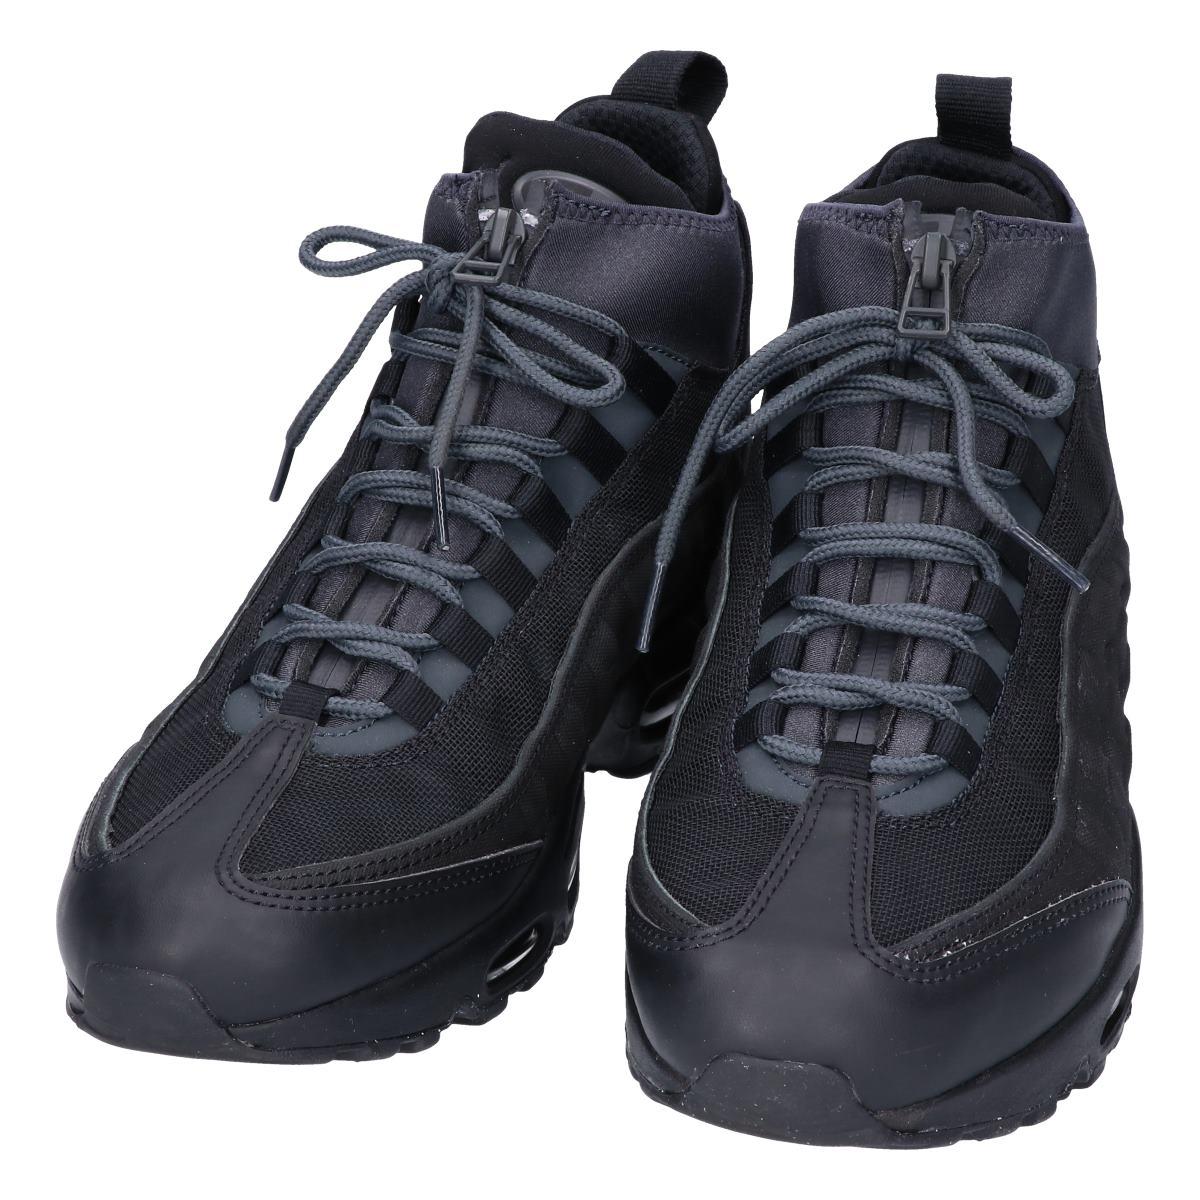 NIKE Nike 806,809 001 AIR MAX 95 Air Max 95 SNEAKERBOOT sneakers boots shoes 26.5 black men